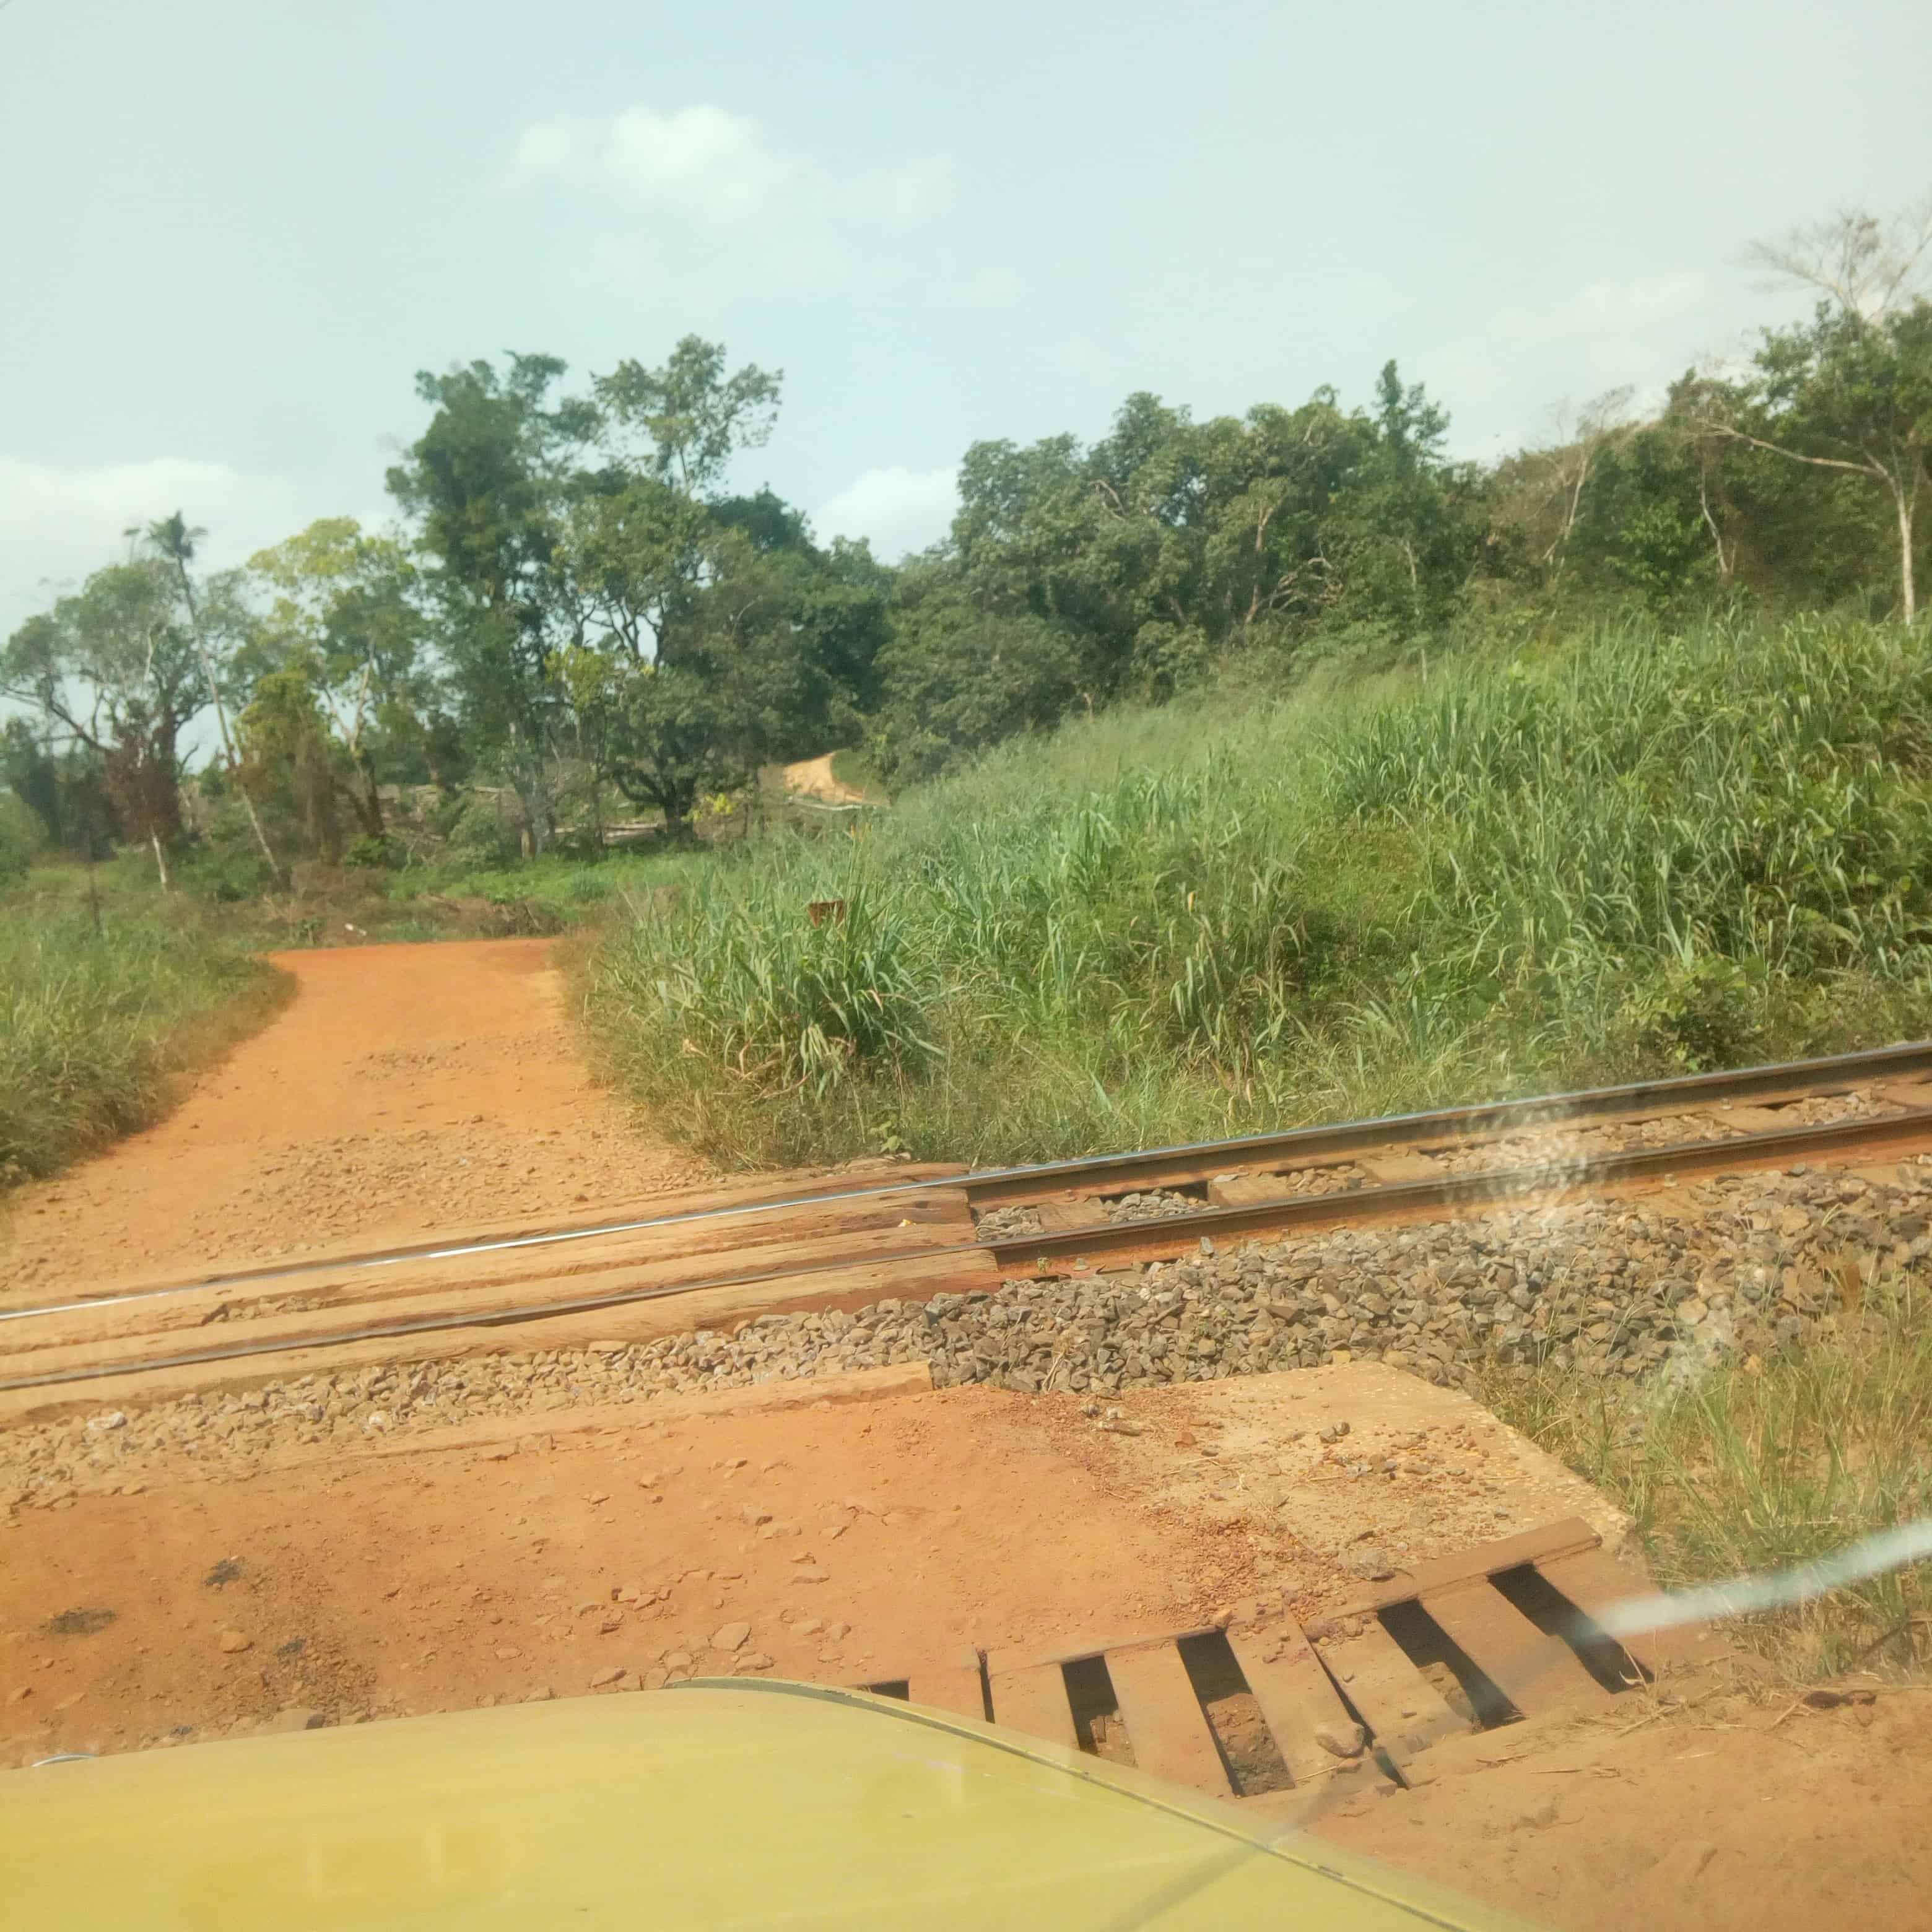 Land for sale at Douala, PK 27, Tondè - 10 m2 - 300 000 000 FCFA